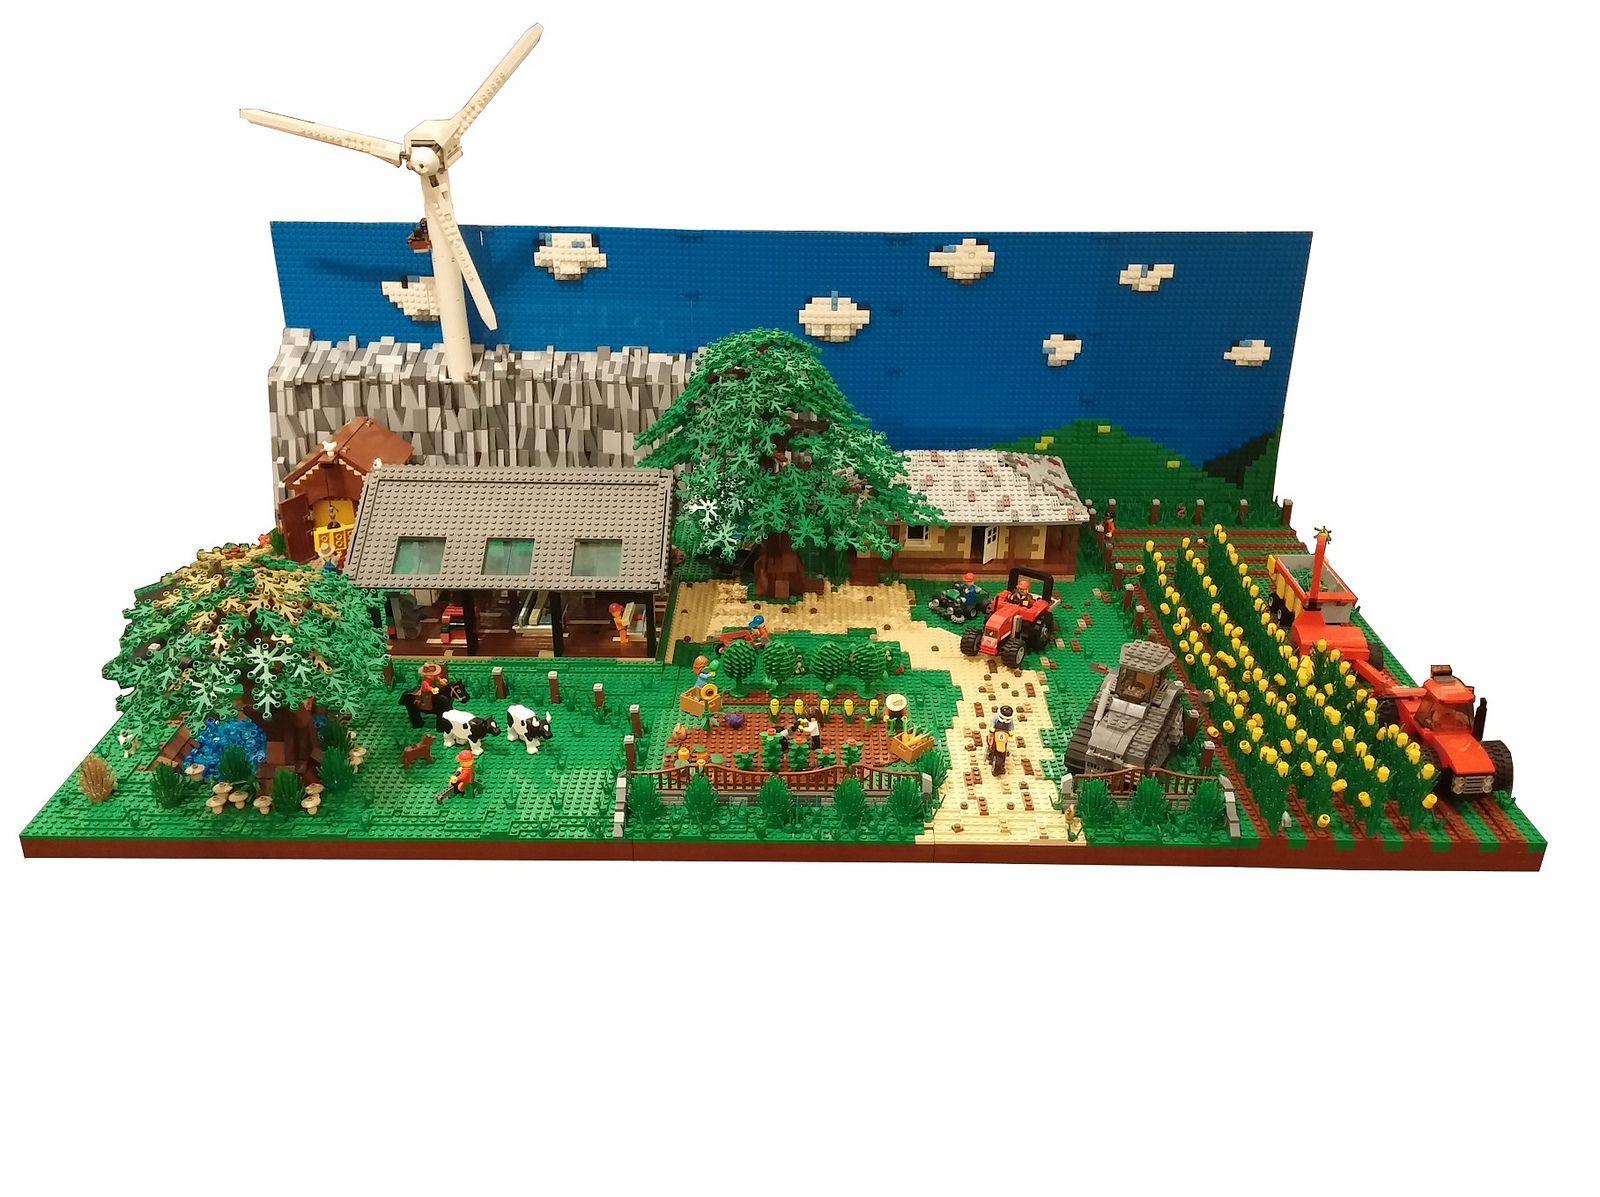 Lego Farm Moc Lego Creativity Pinterest Lego Farming And Lego